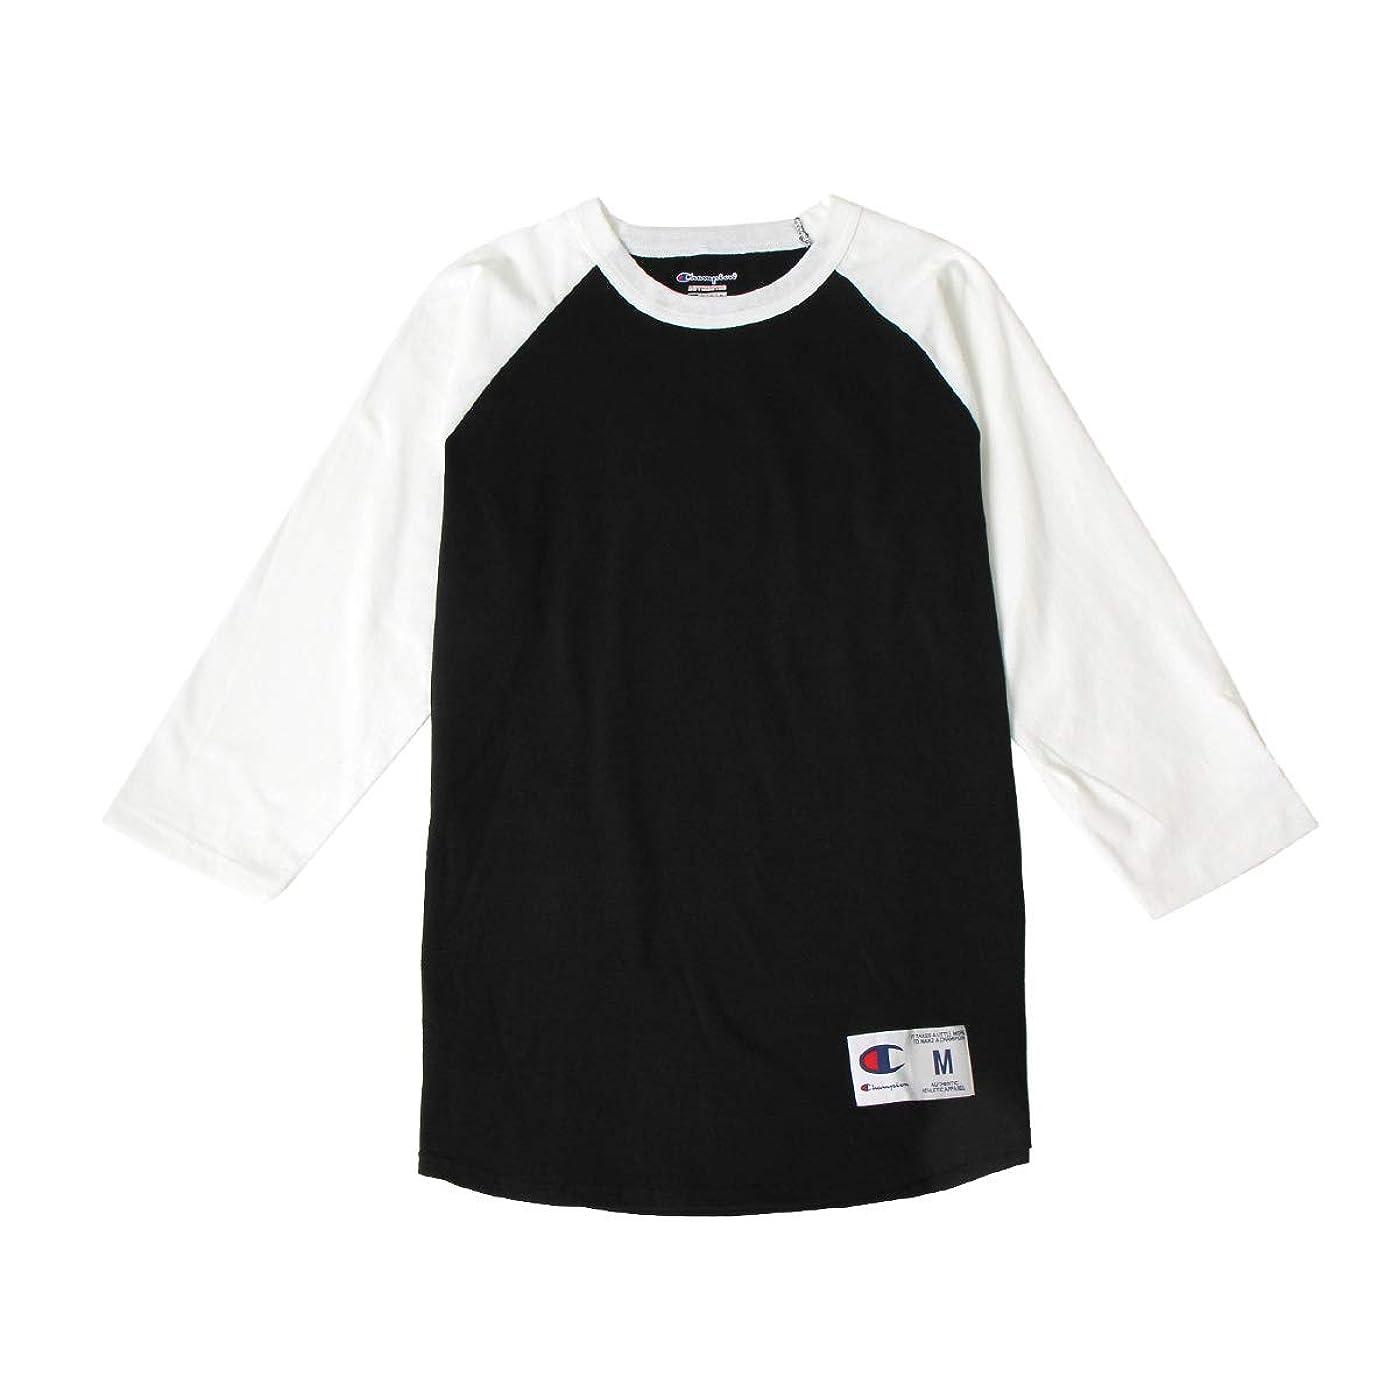 構築する太い弾性(チャンピオン)Champion Tシャツ ラグラン 5.2oz メンズ レディース クルーネック 7分袖 A-T1397